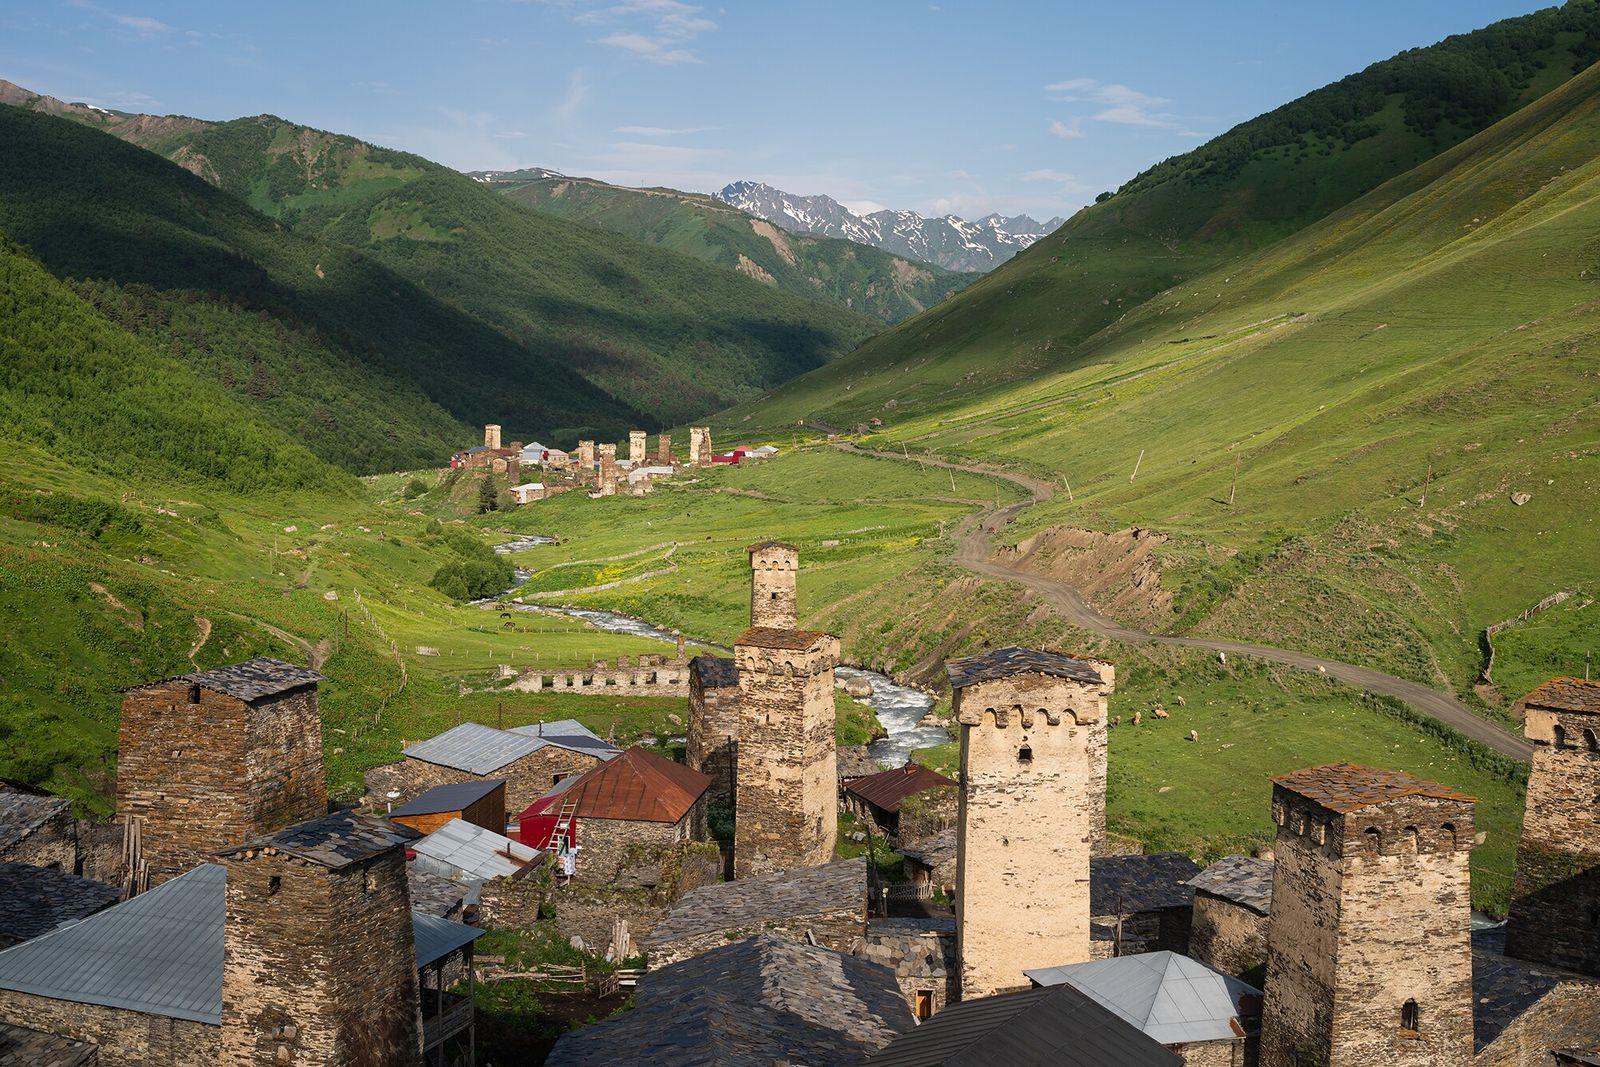 Svaneti, Geórgia | Cercada pelos picos nevados da cordilheira do Cáucaso, Svaneti abriga alguns dos vilarejos ...